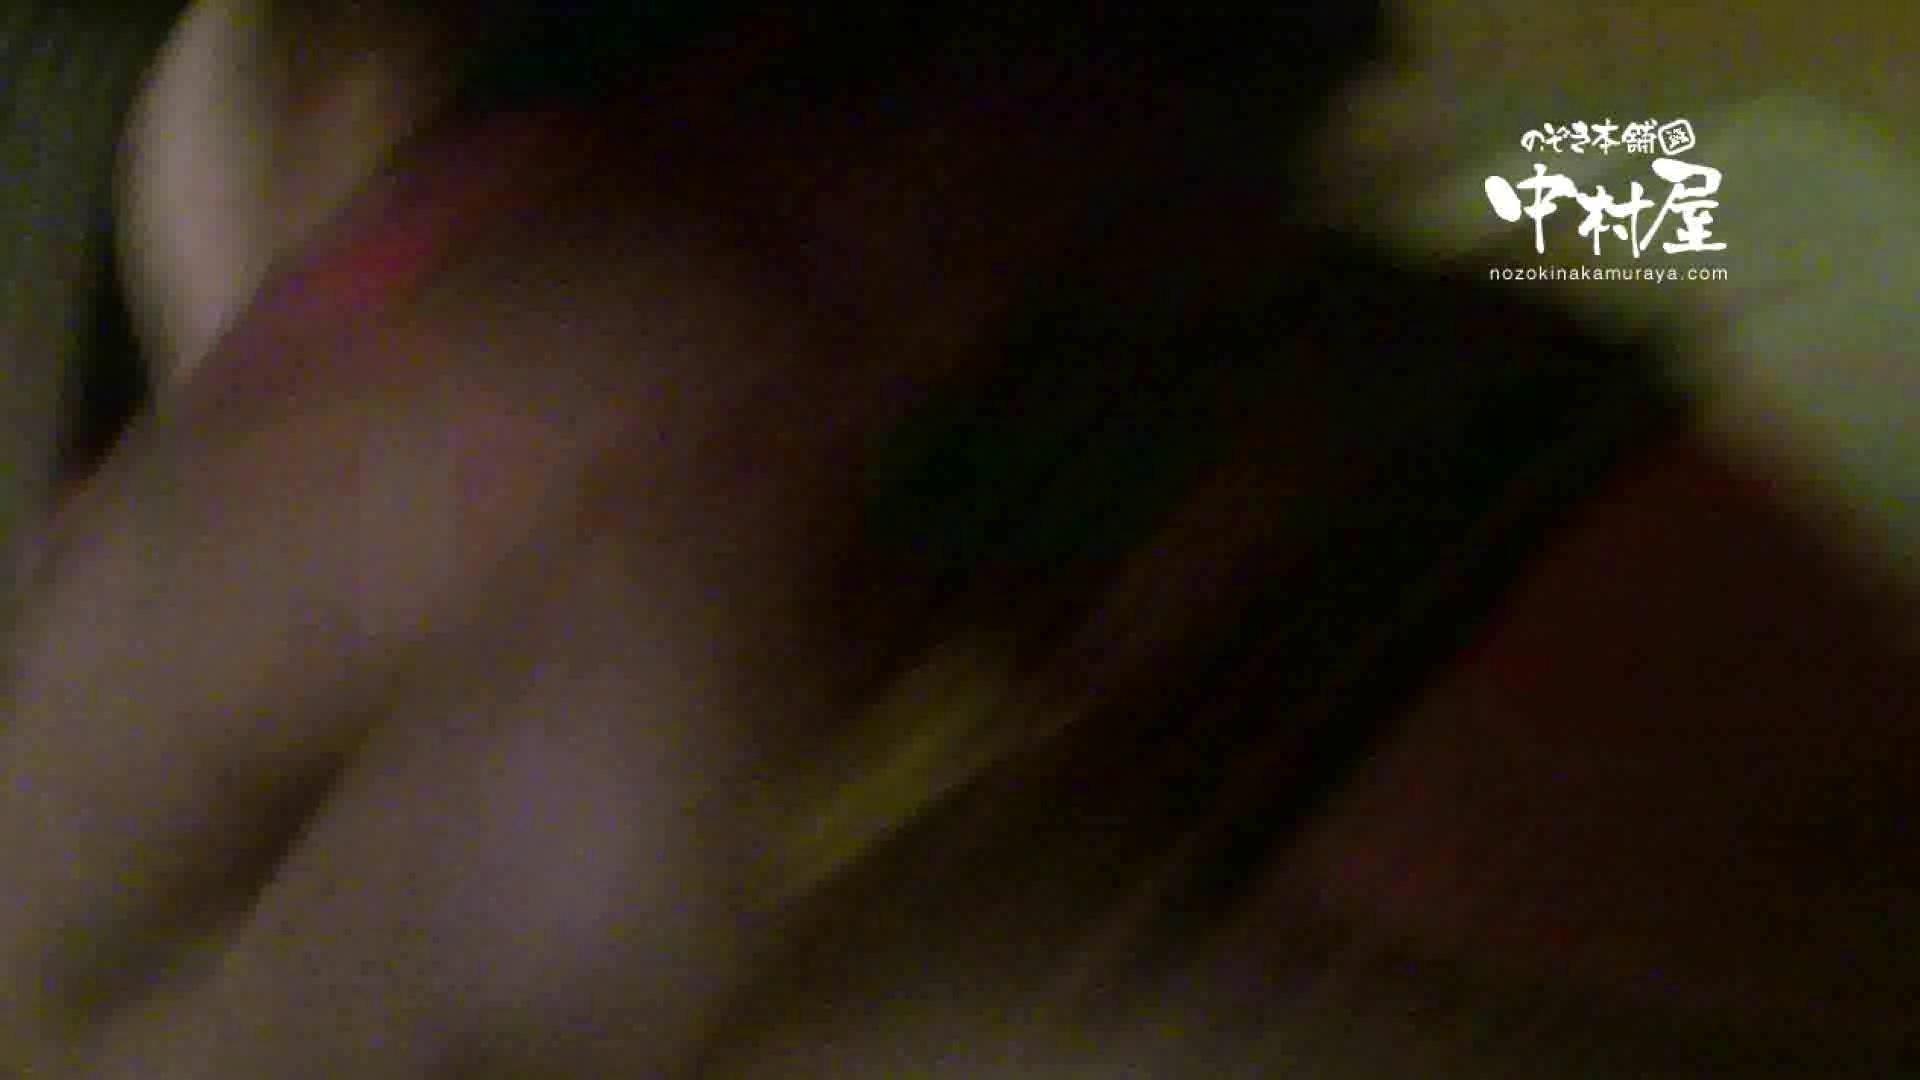 鬼畜 vol.17 中に出さないでください(アニメ声で懇願) 後編 OLエロ画像  96PICs 70